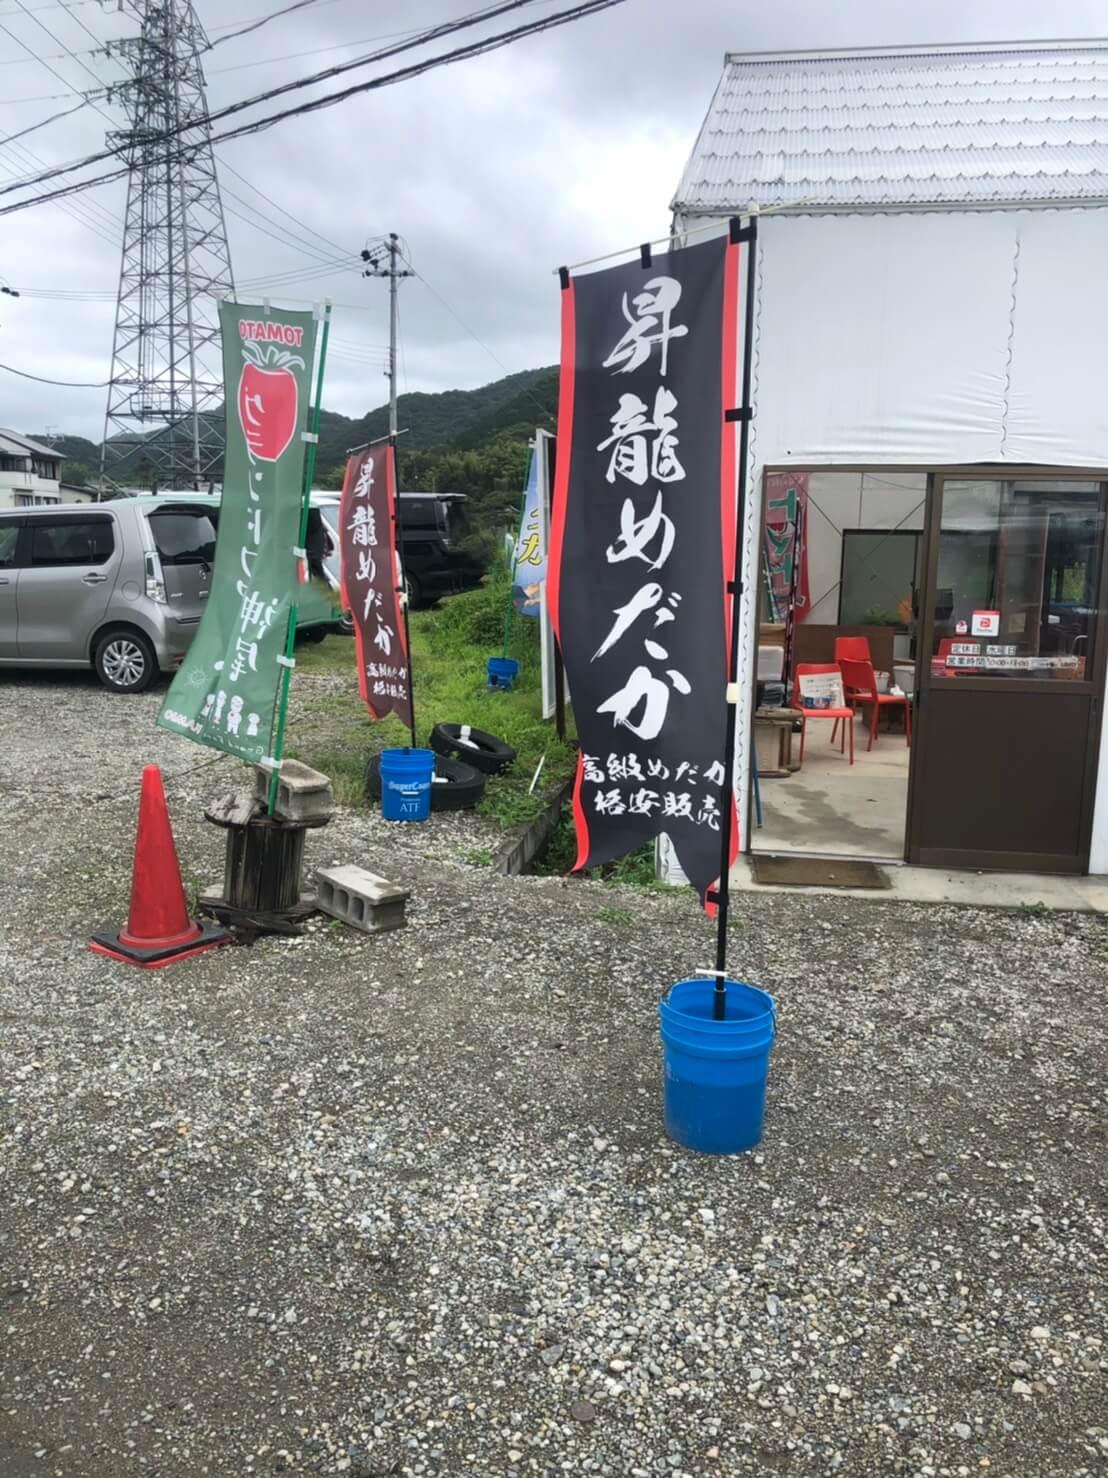 昇龍めだか(兵庫県たつの市のメダカ屋)で販売されてるメダカ